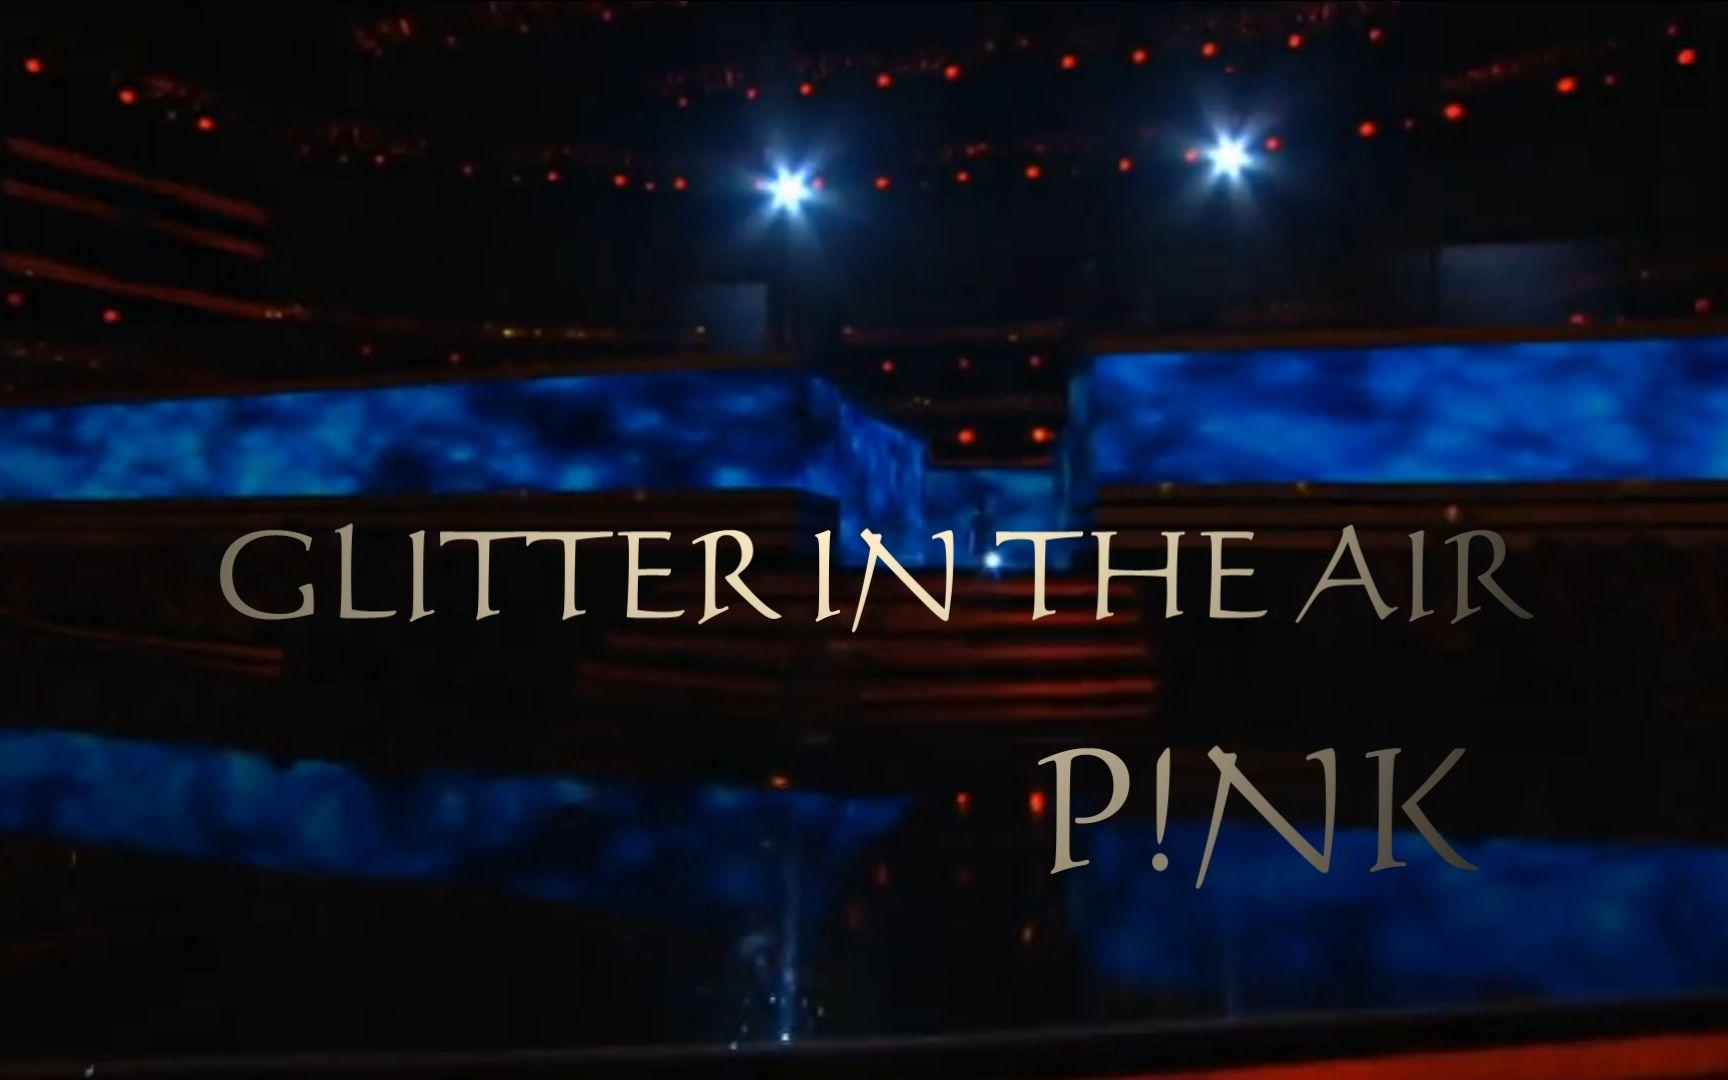 nk】glitter in the air - 2010年第52届格莱美现场